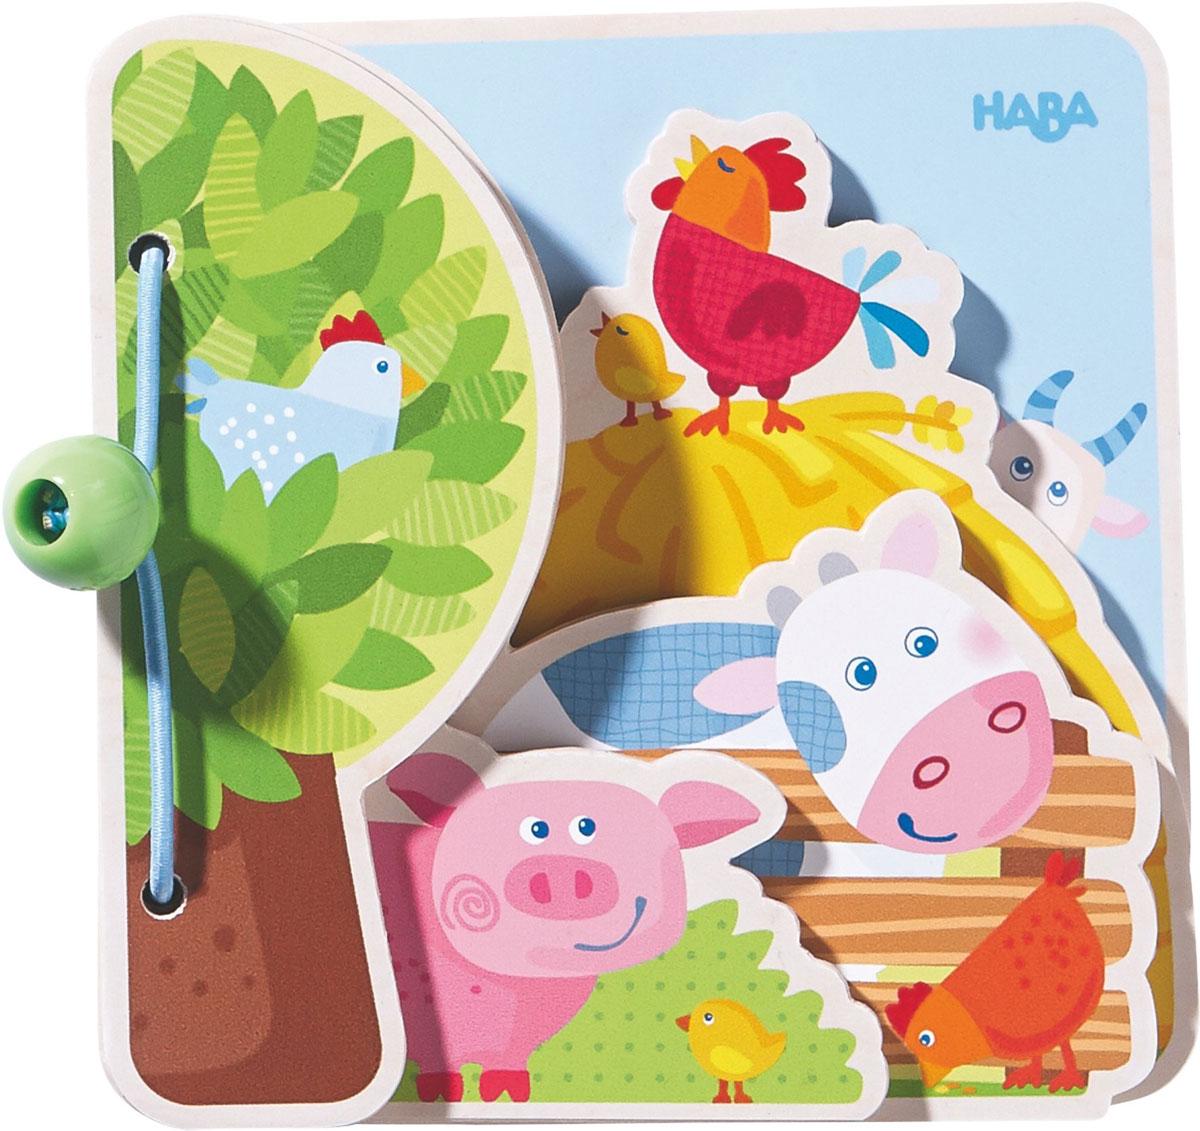 Haba Детская книга Друзья на ферме евгения шульдякова наферме родители и